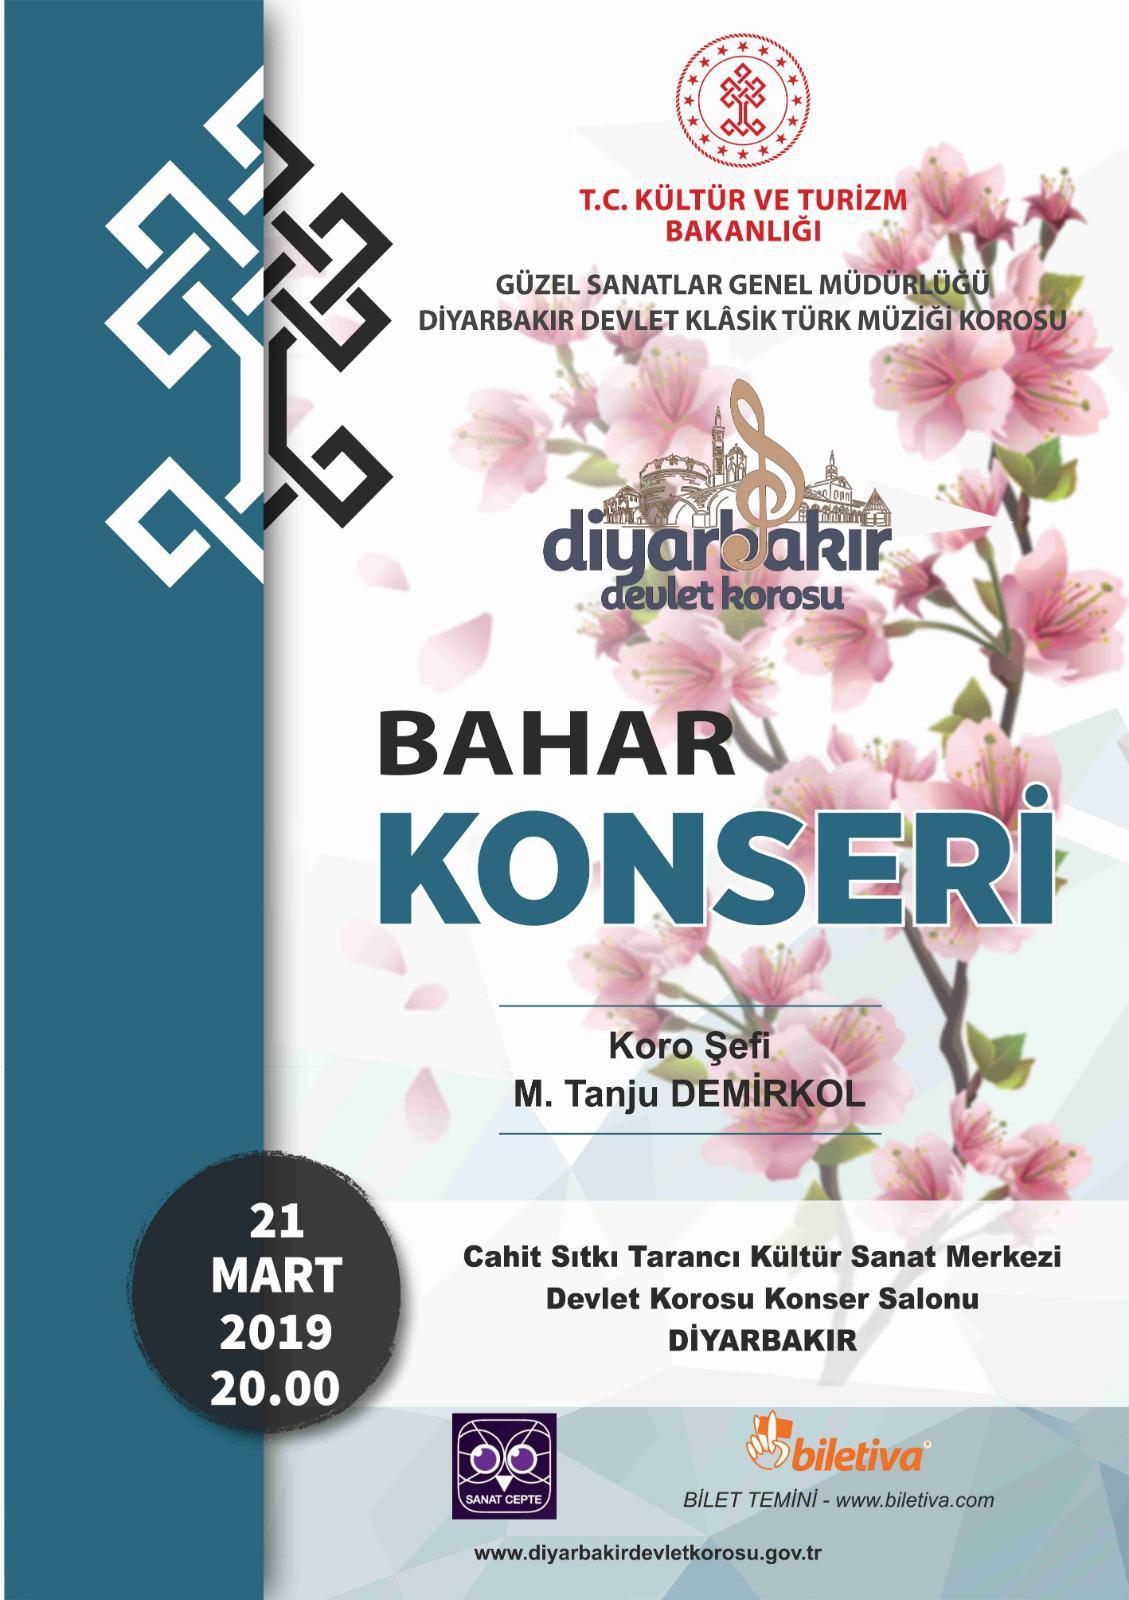 BAHAR KONSERİ